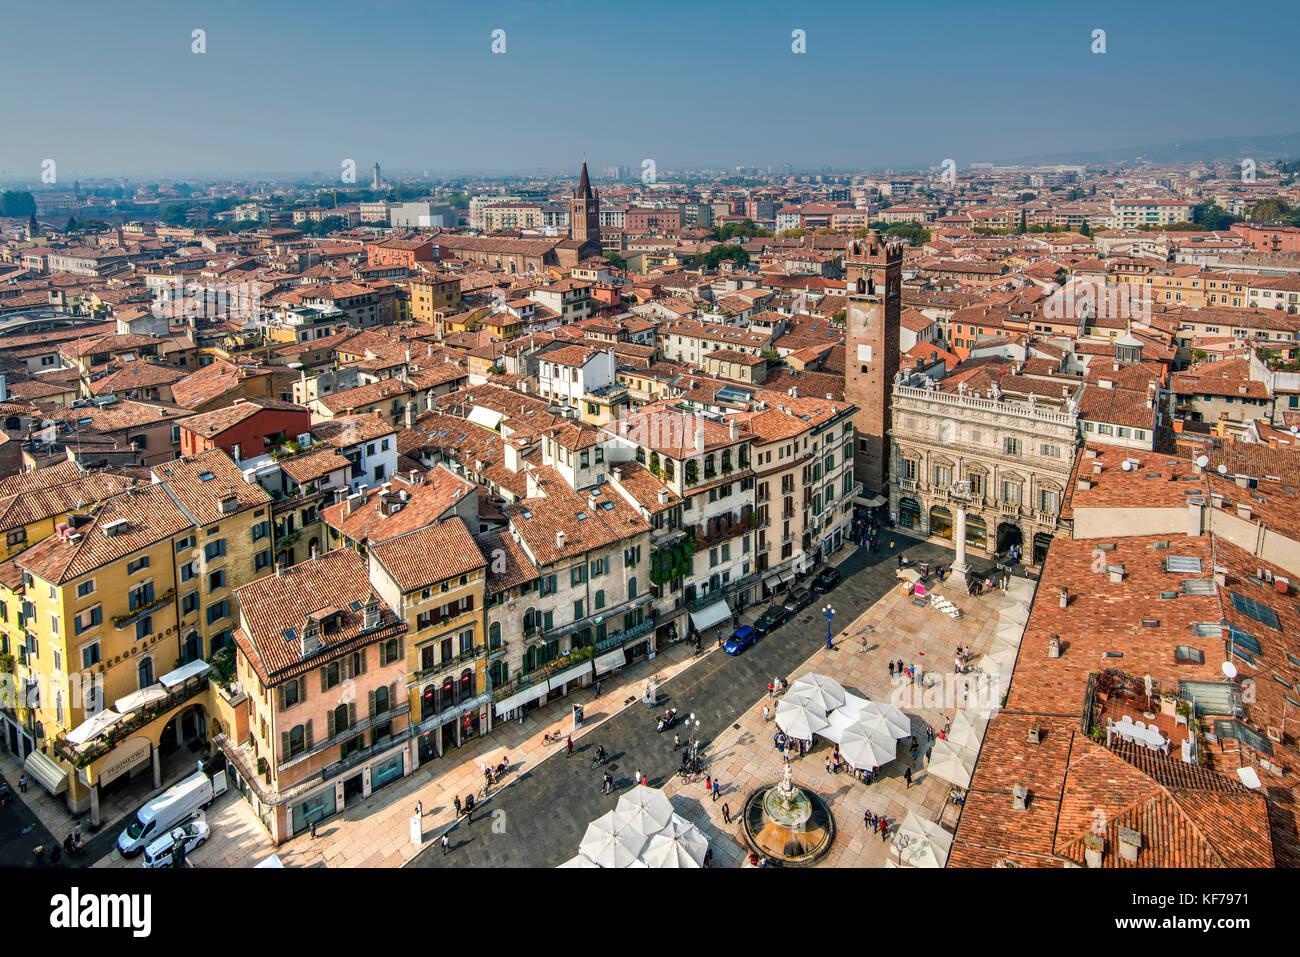 Piazza delle Erbe Square und die Skyline der Stadt, Verona, Venetien, Italien Stockbild